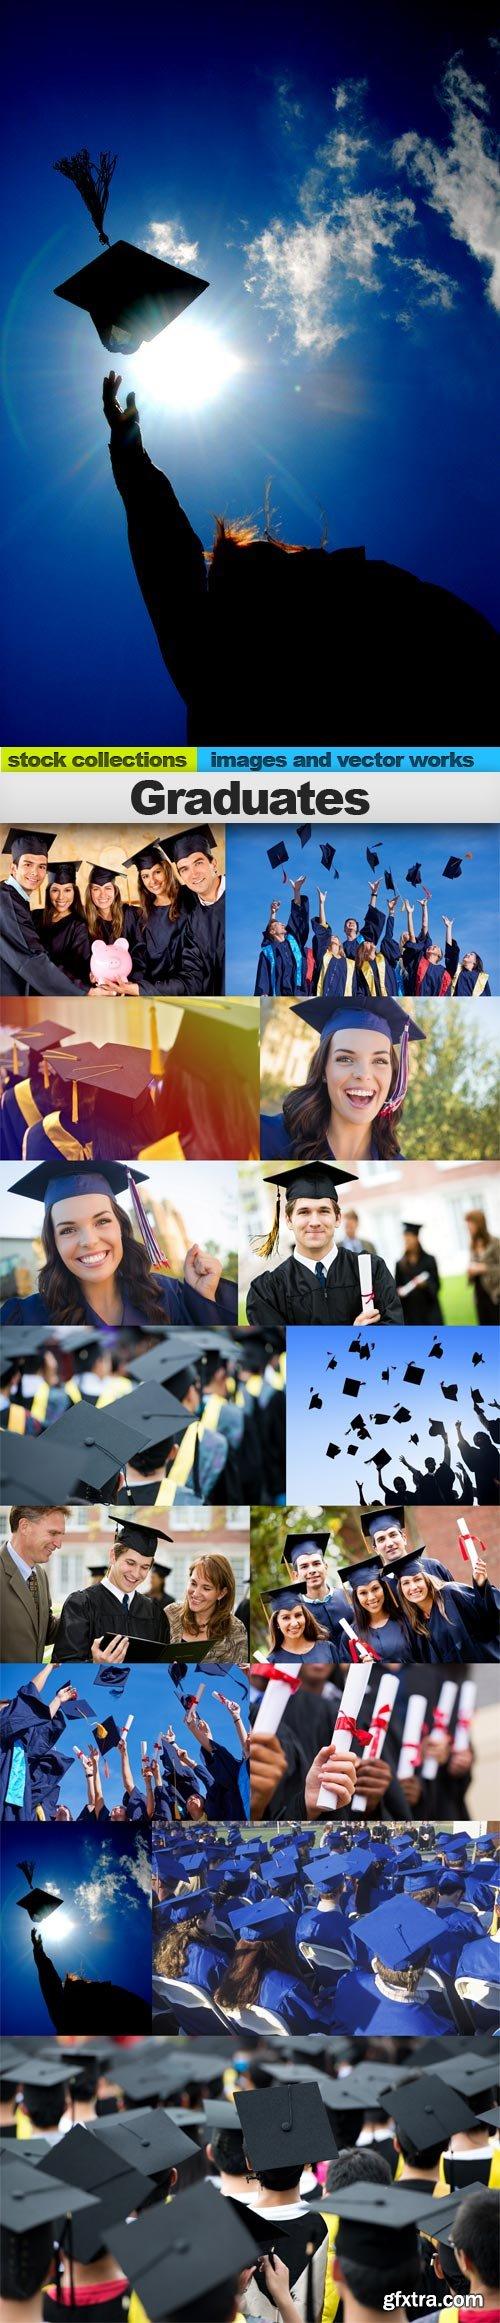 Graduates, 15 x UHQ JPEG